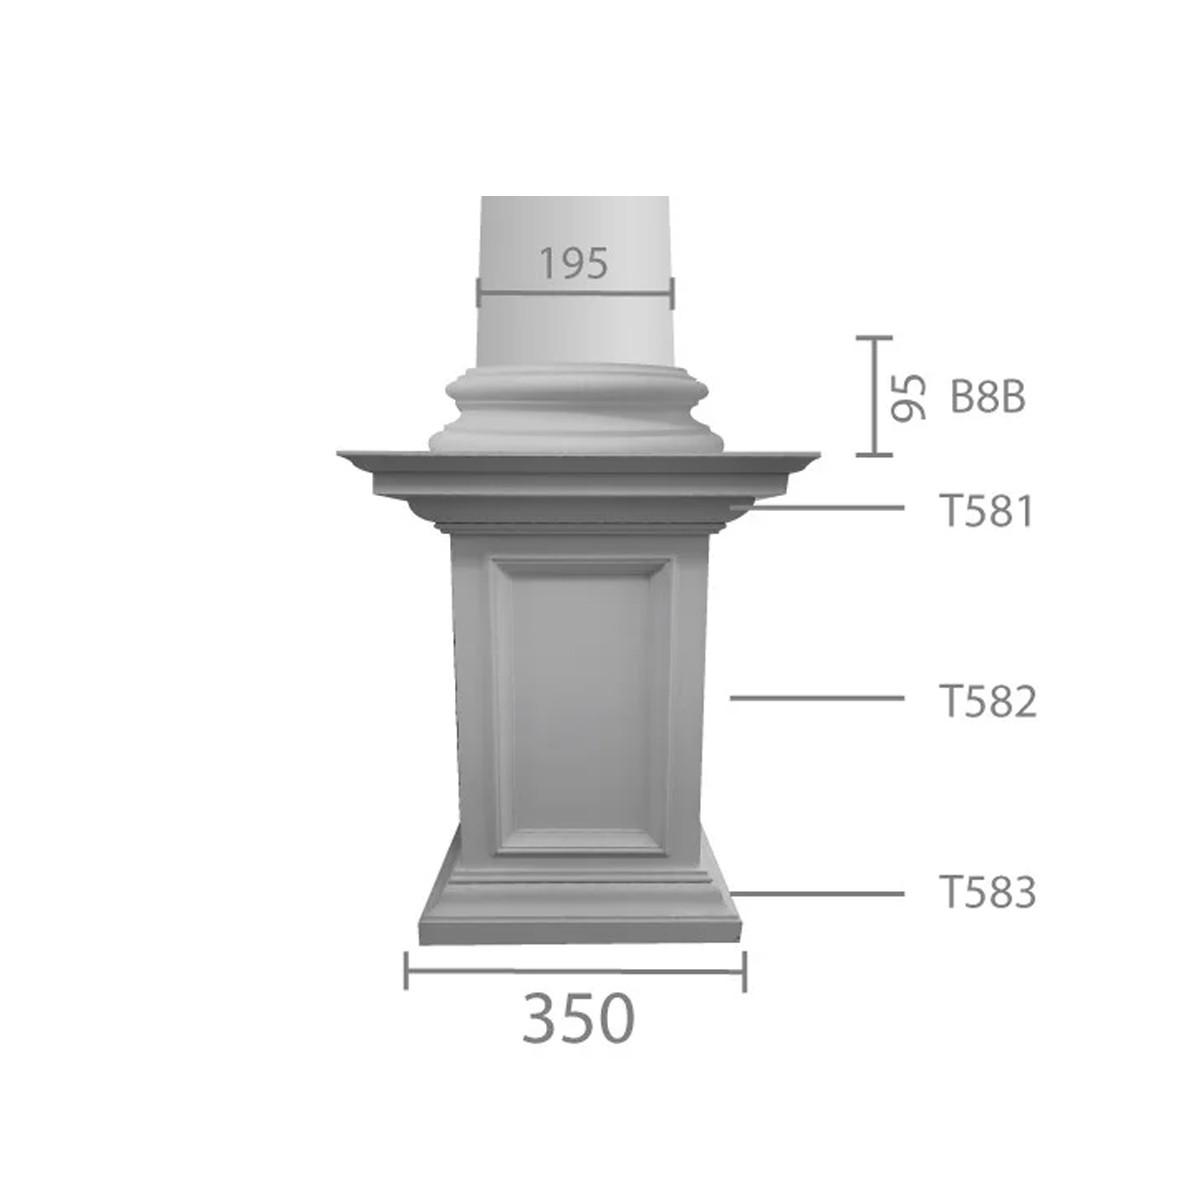 База колонны б-8а (Вал В 8в)